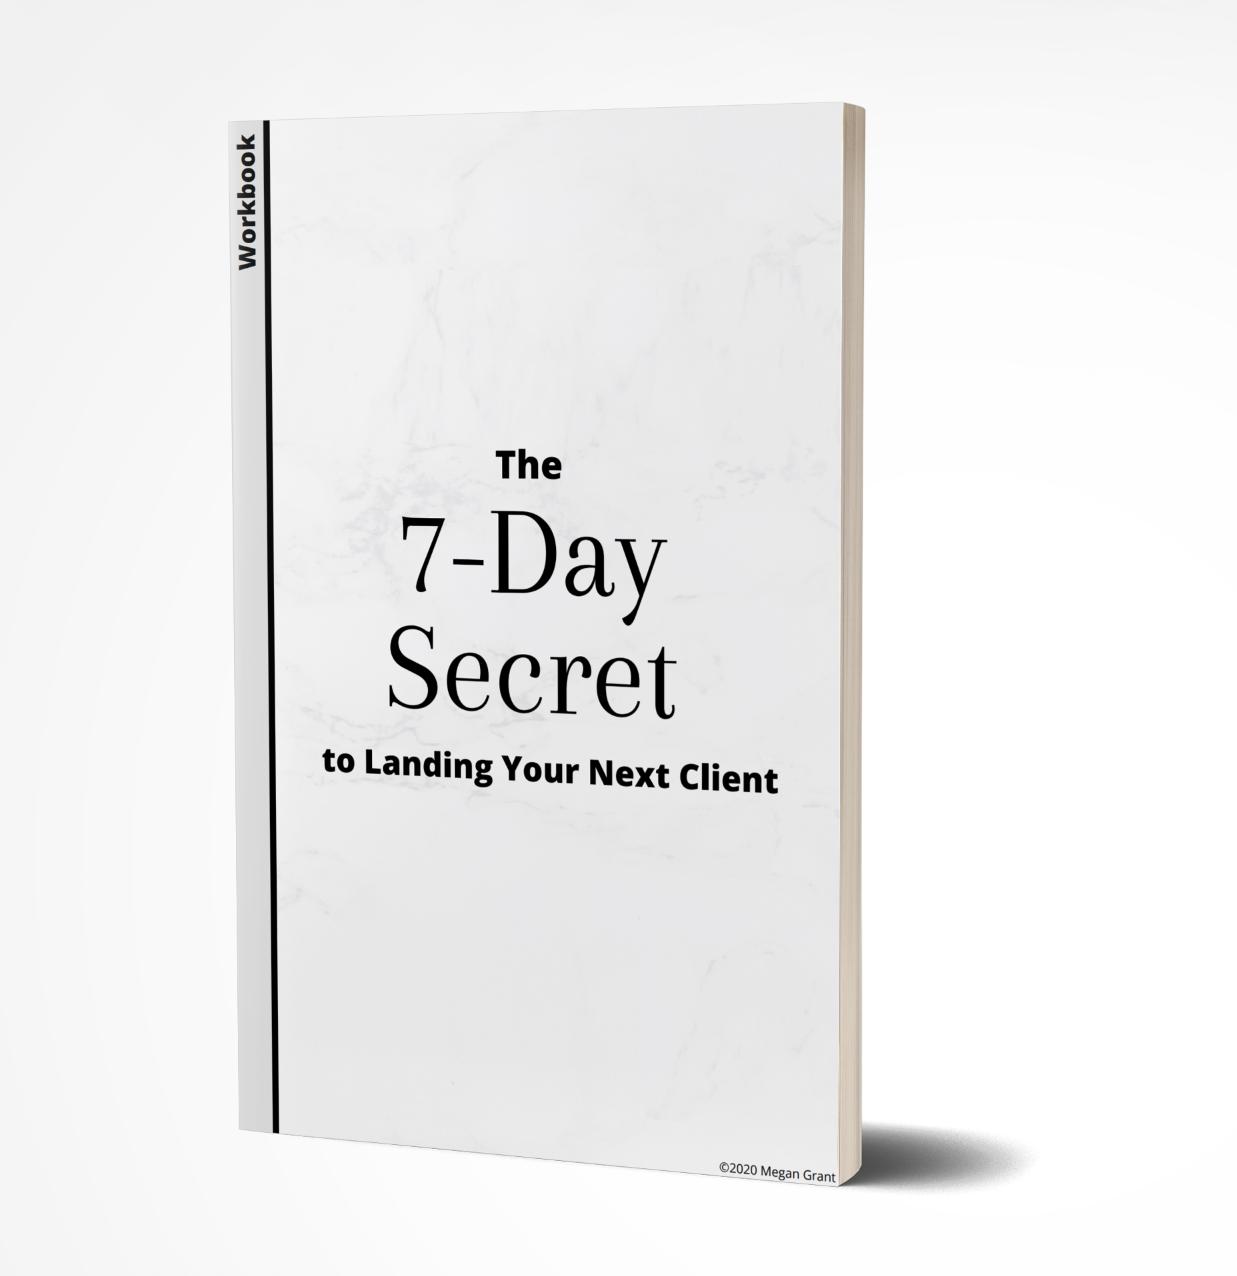 The 7-Day Secret Workbook